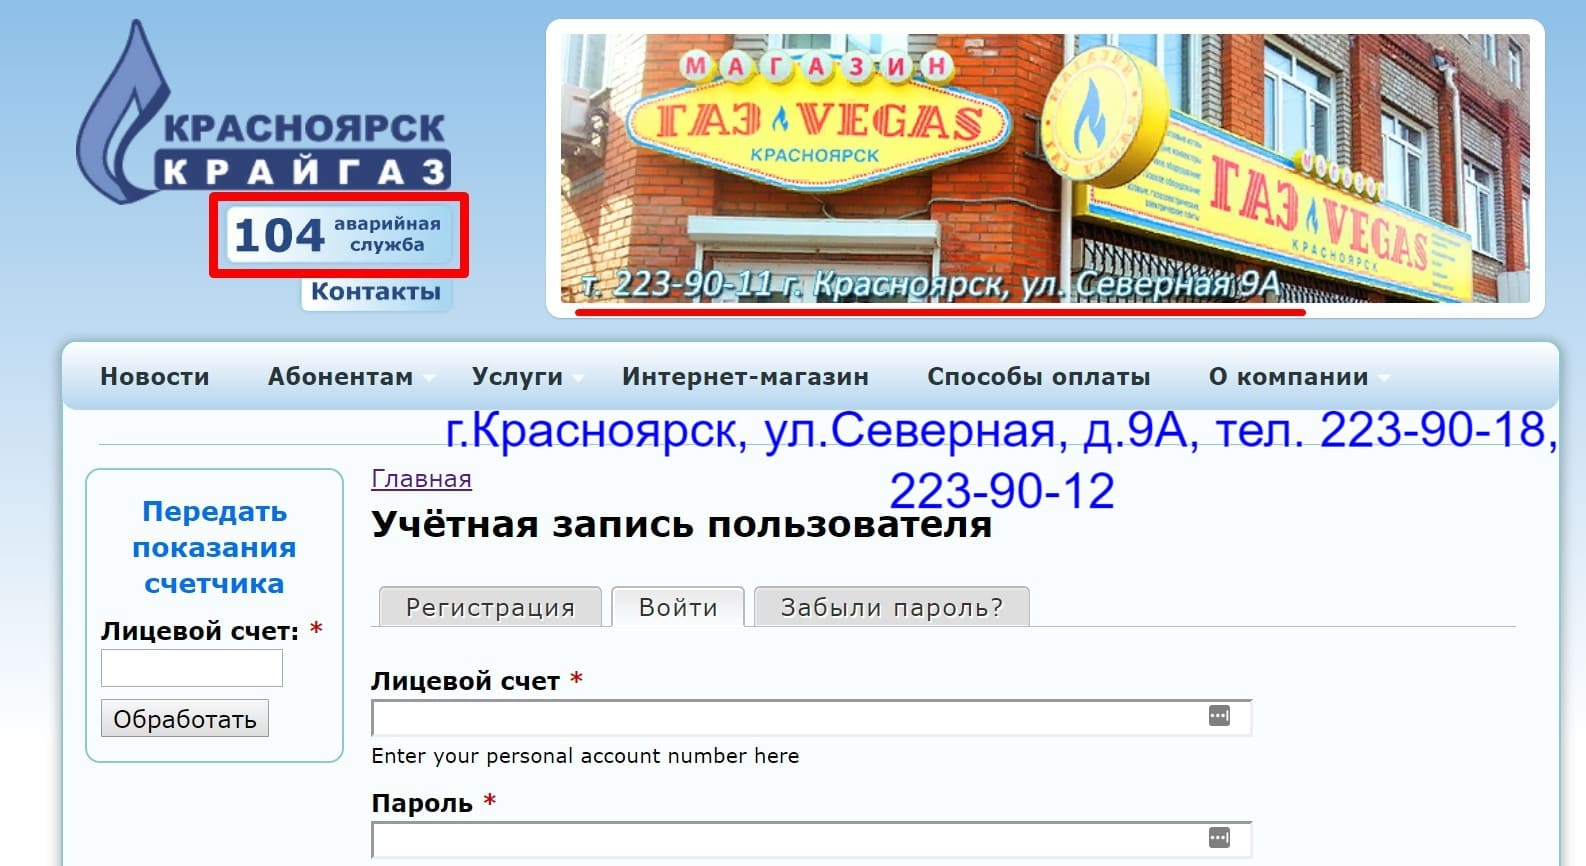 Крайгаз Красноярск личный кабинет